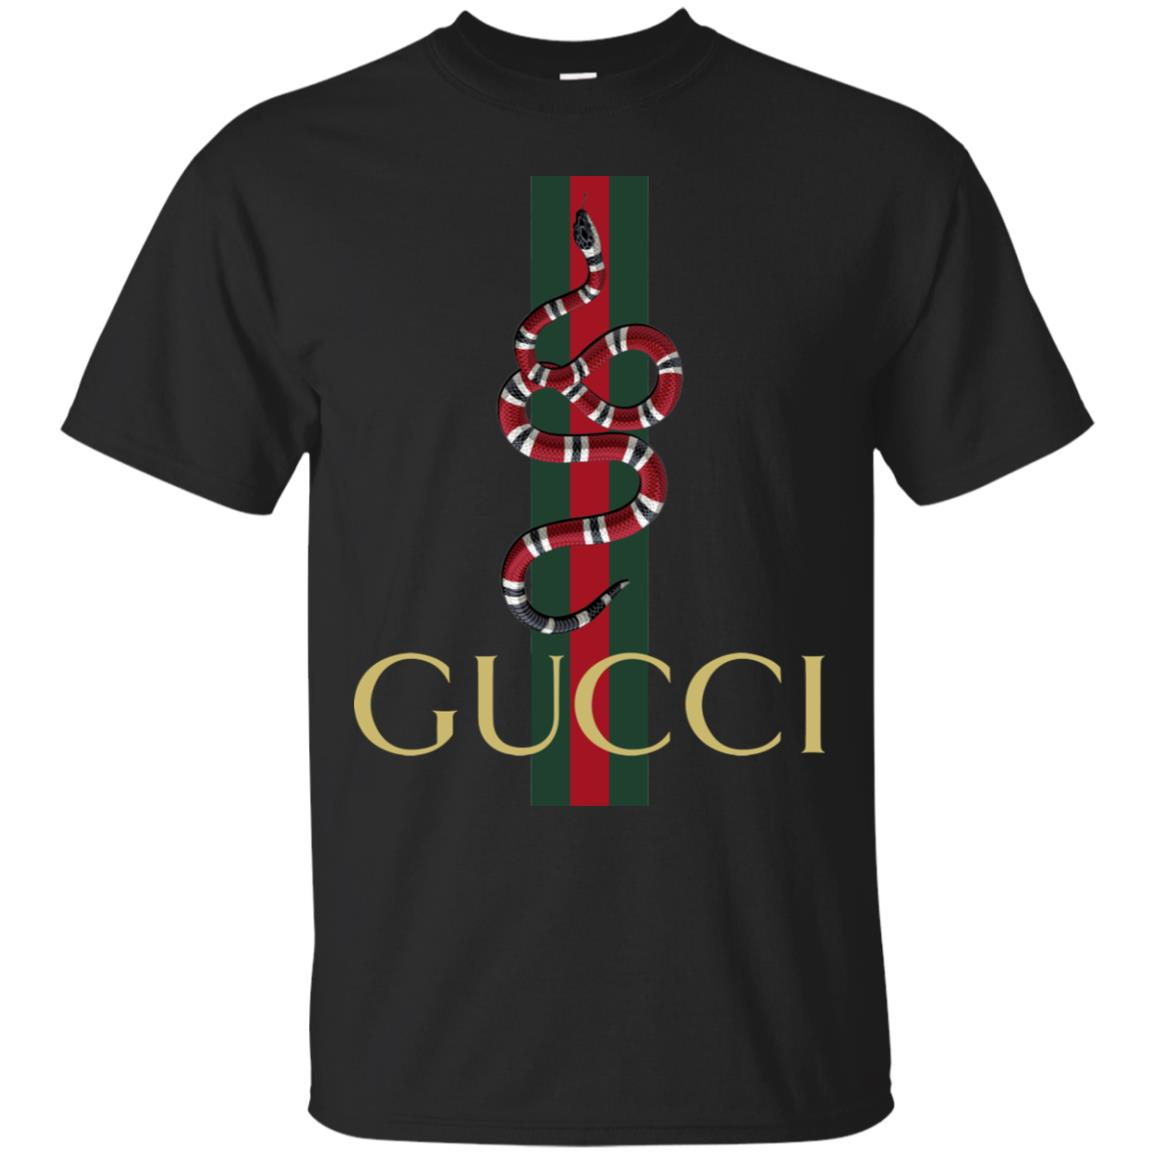 68c18b75dec Gucci Snake shirt - image 4036 510x510